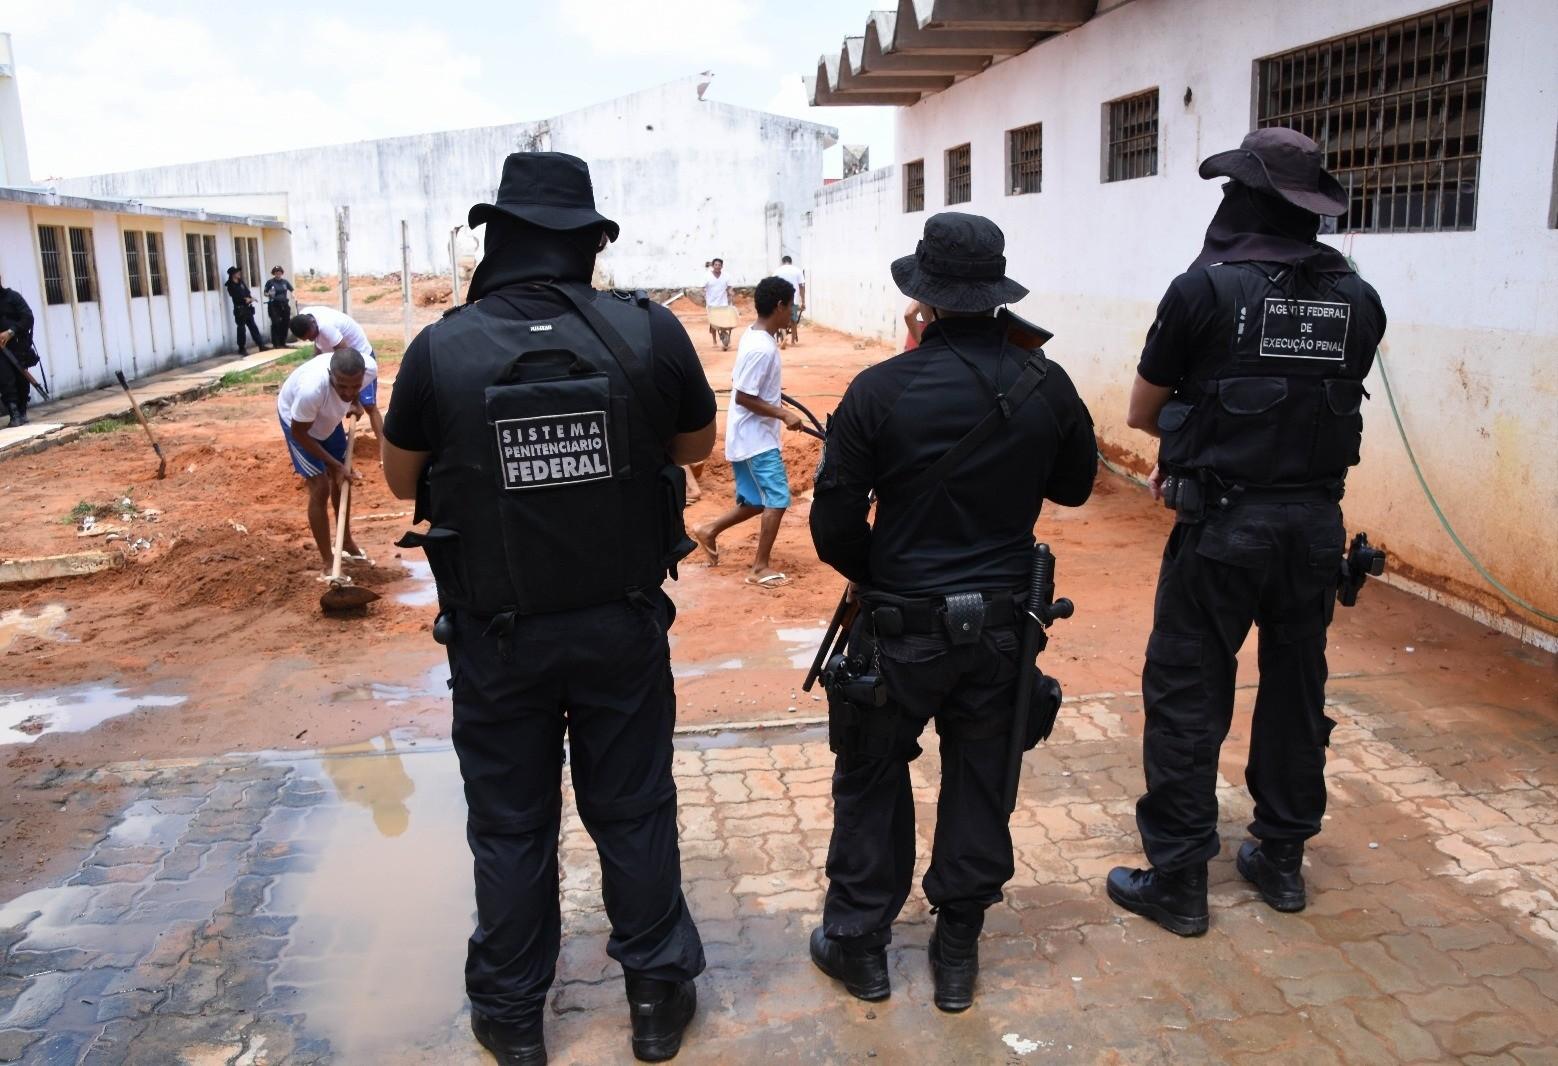 MP e Governo do RN firmam TAC para manutenção do fornecimento de alimentação a agentes penitenciários - Notícias - Plantão Diário